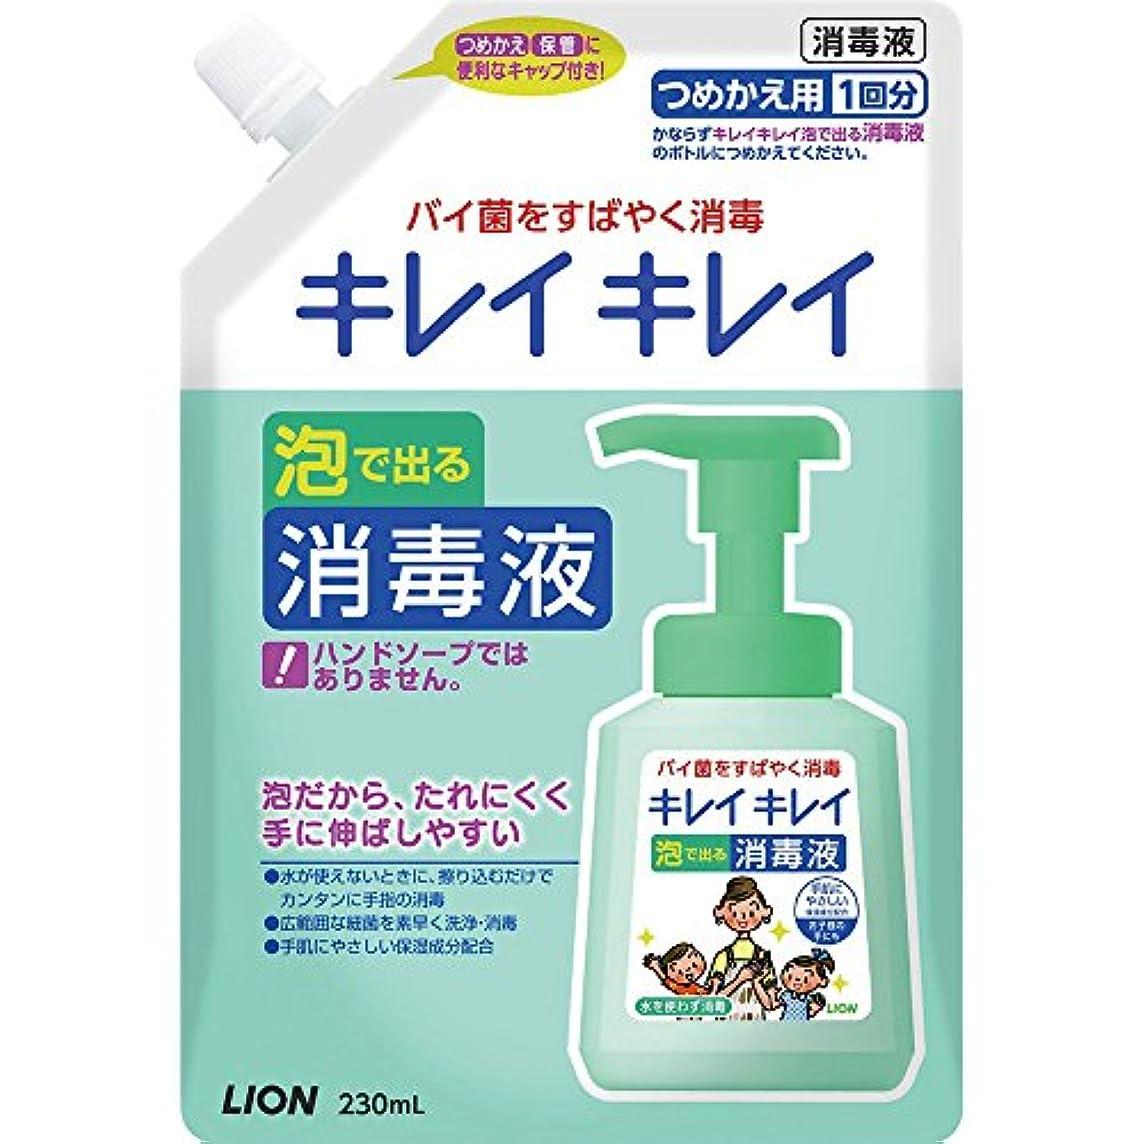 秋トランスペアレントしなやかキレイキレイ 薬 泡ででる消毒液 詰替 230ml (指定医薬部外品)